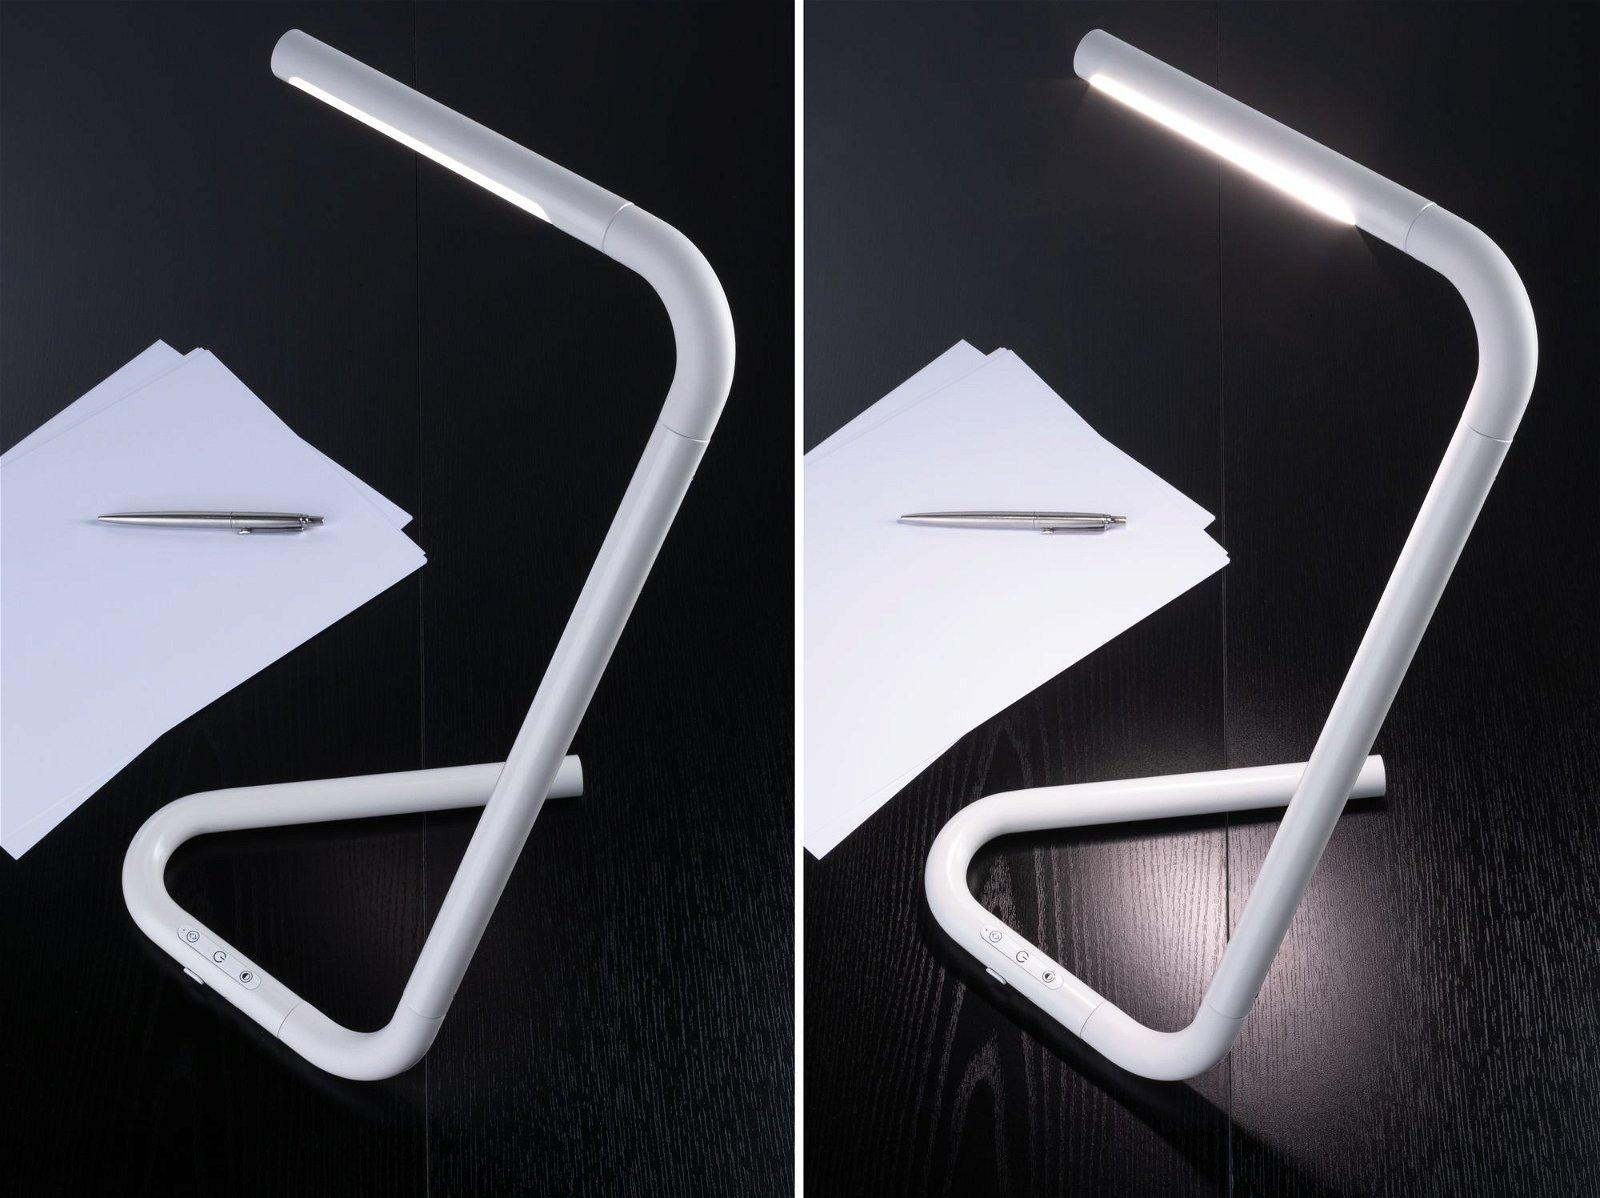 LED Schreibtischleuchte FlexLink Tunable White 640lm 4,5W Weiß